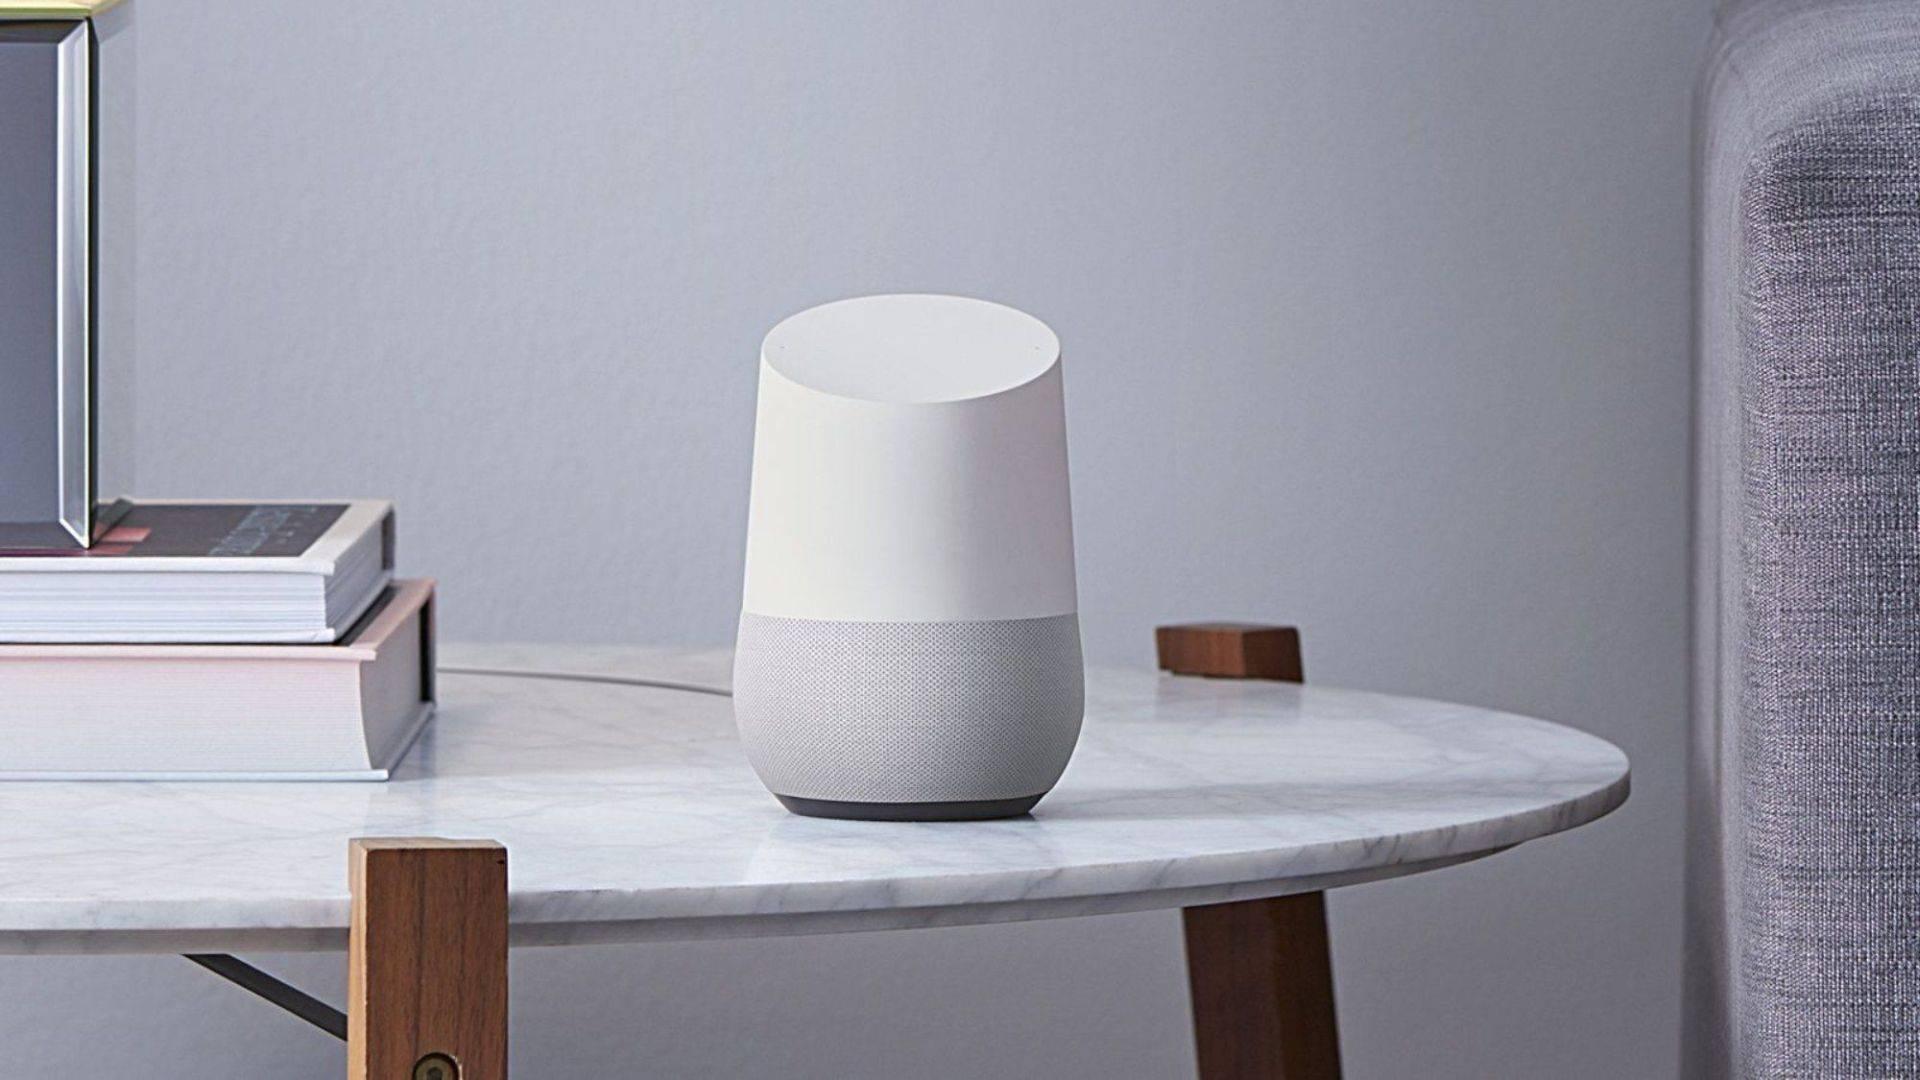 google-home-empresa-escucha-conversaciones-audios-02